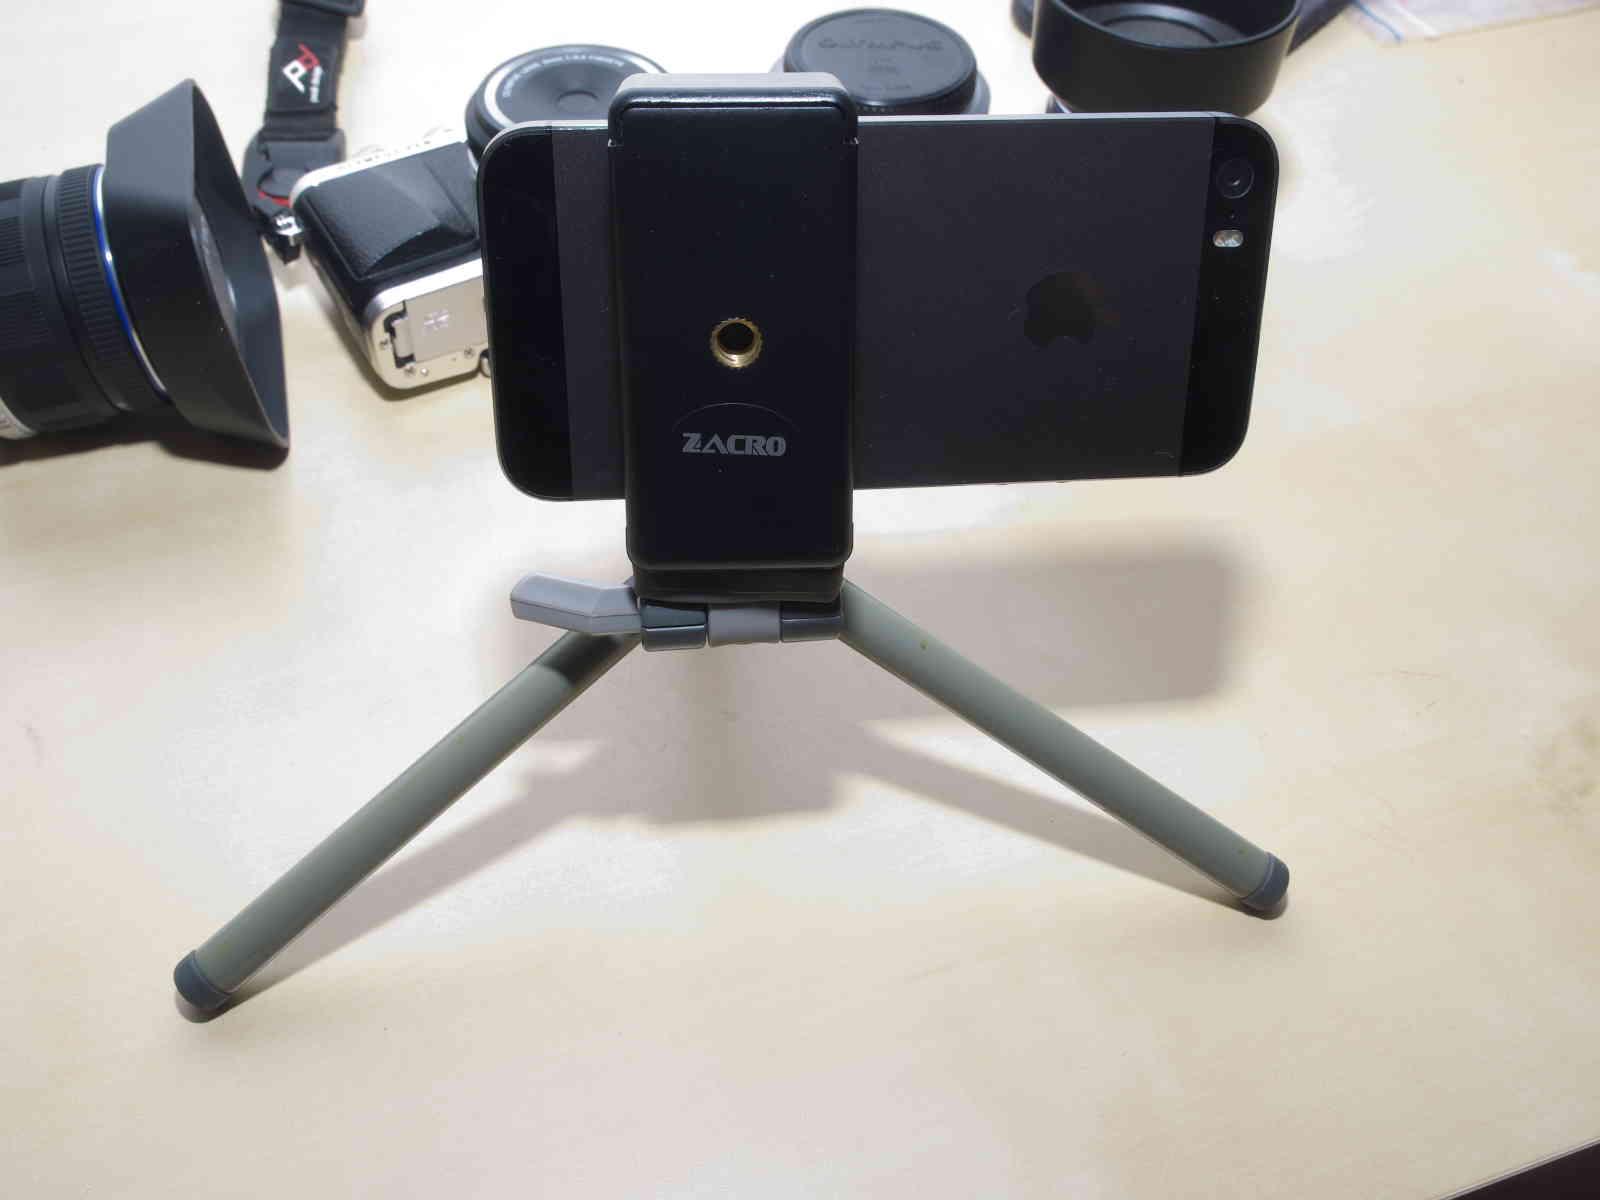 Smartphonefotografie - Nutze ein Stativ